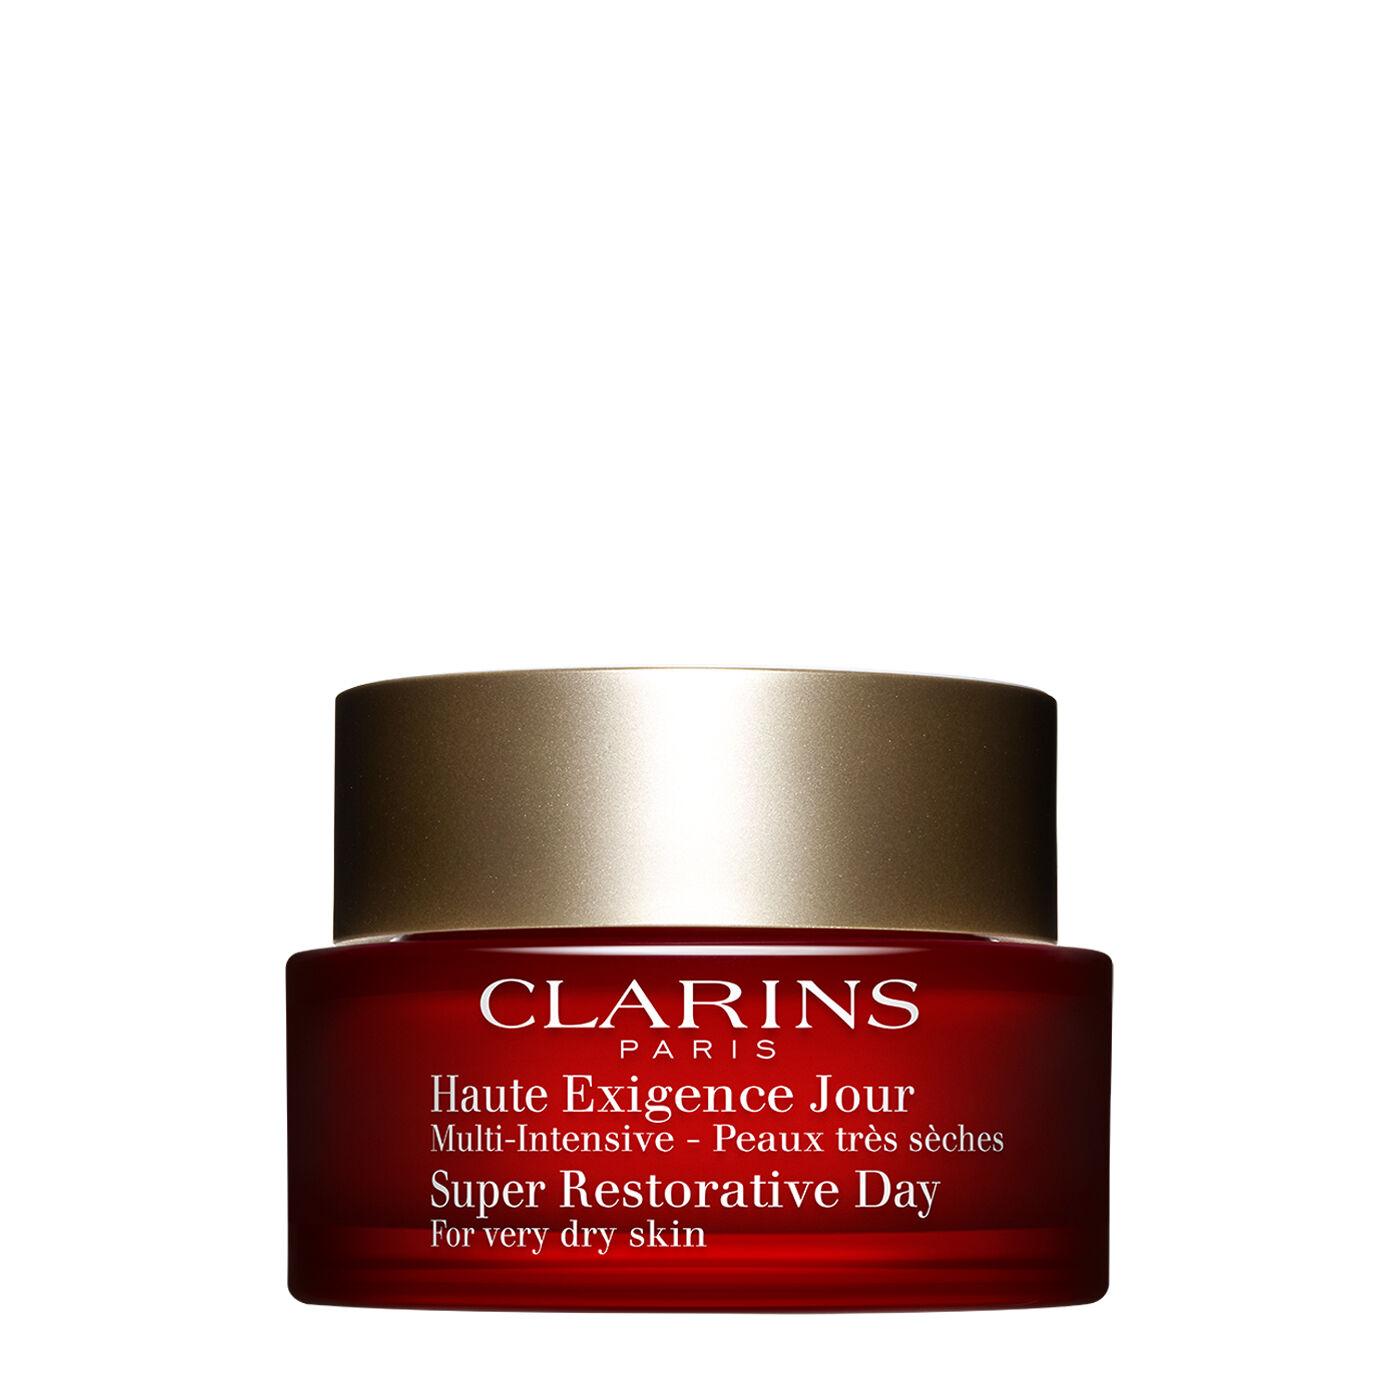 Carins facial cream